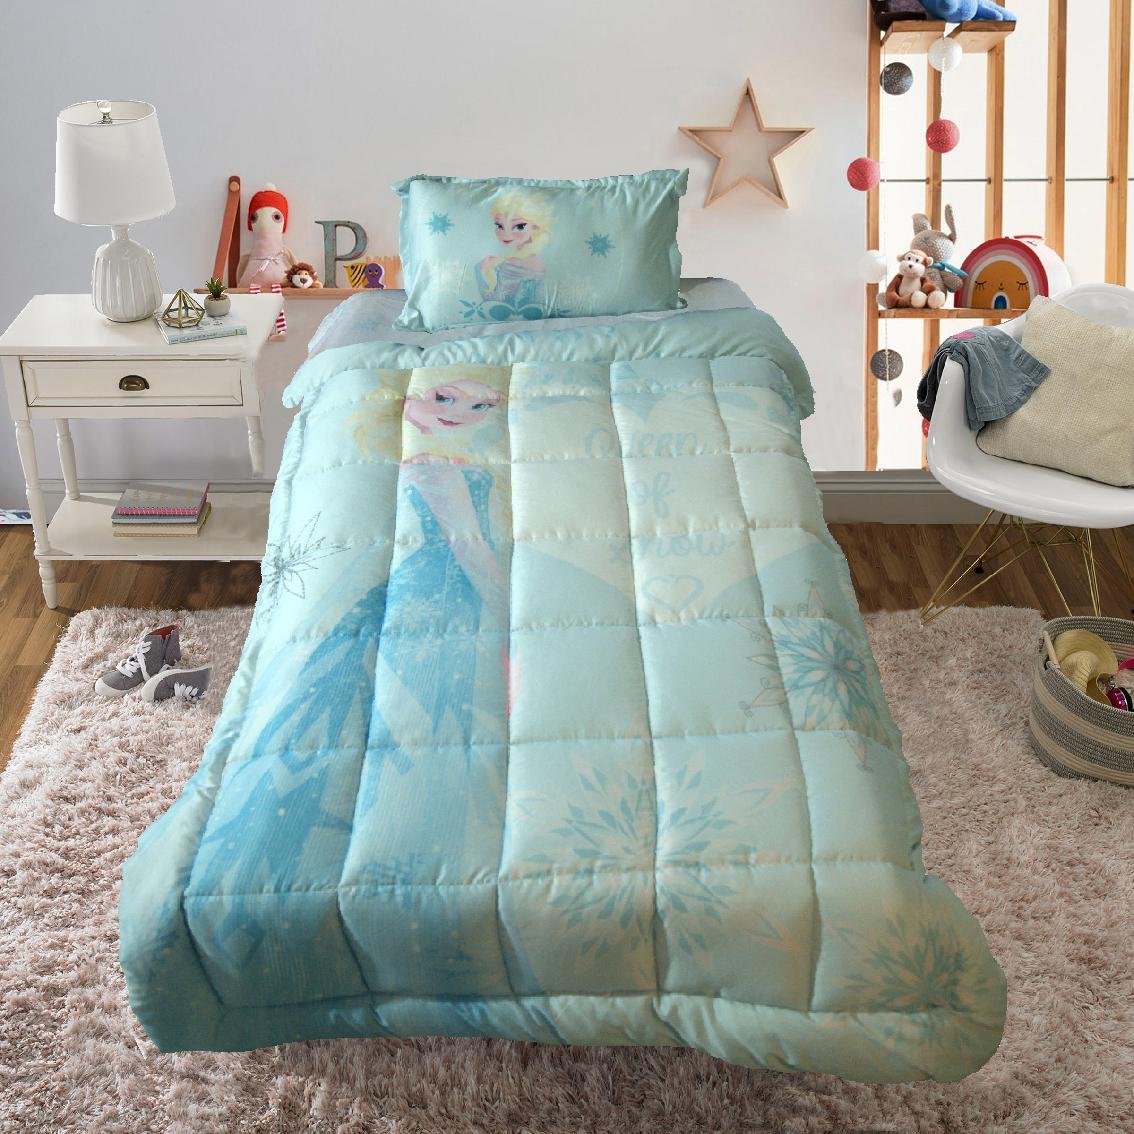 Mothercare | Wiggle wink Frozen Queen of Snow Single comforter